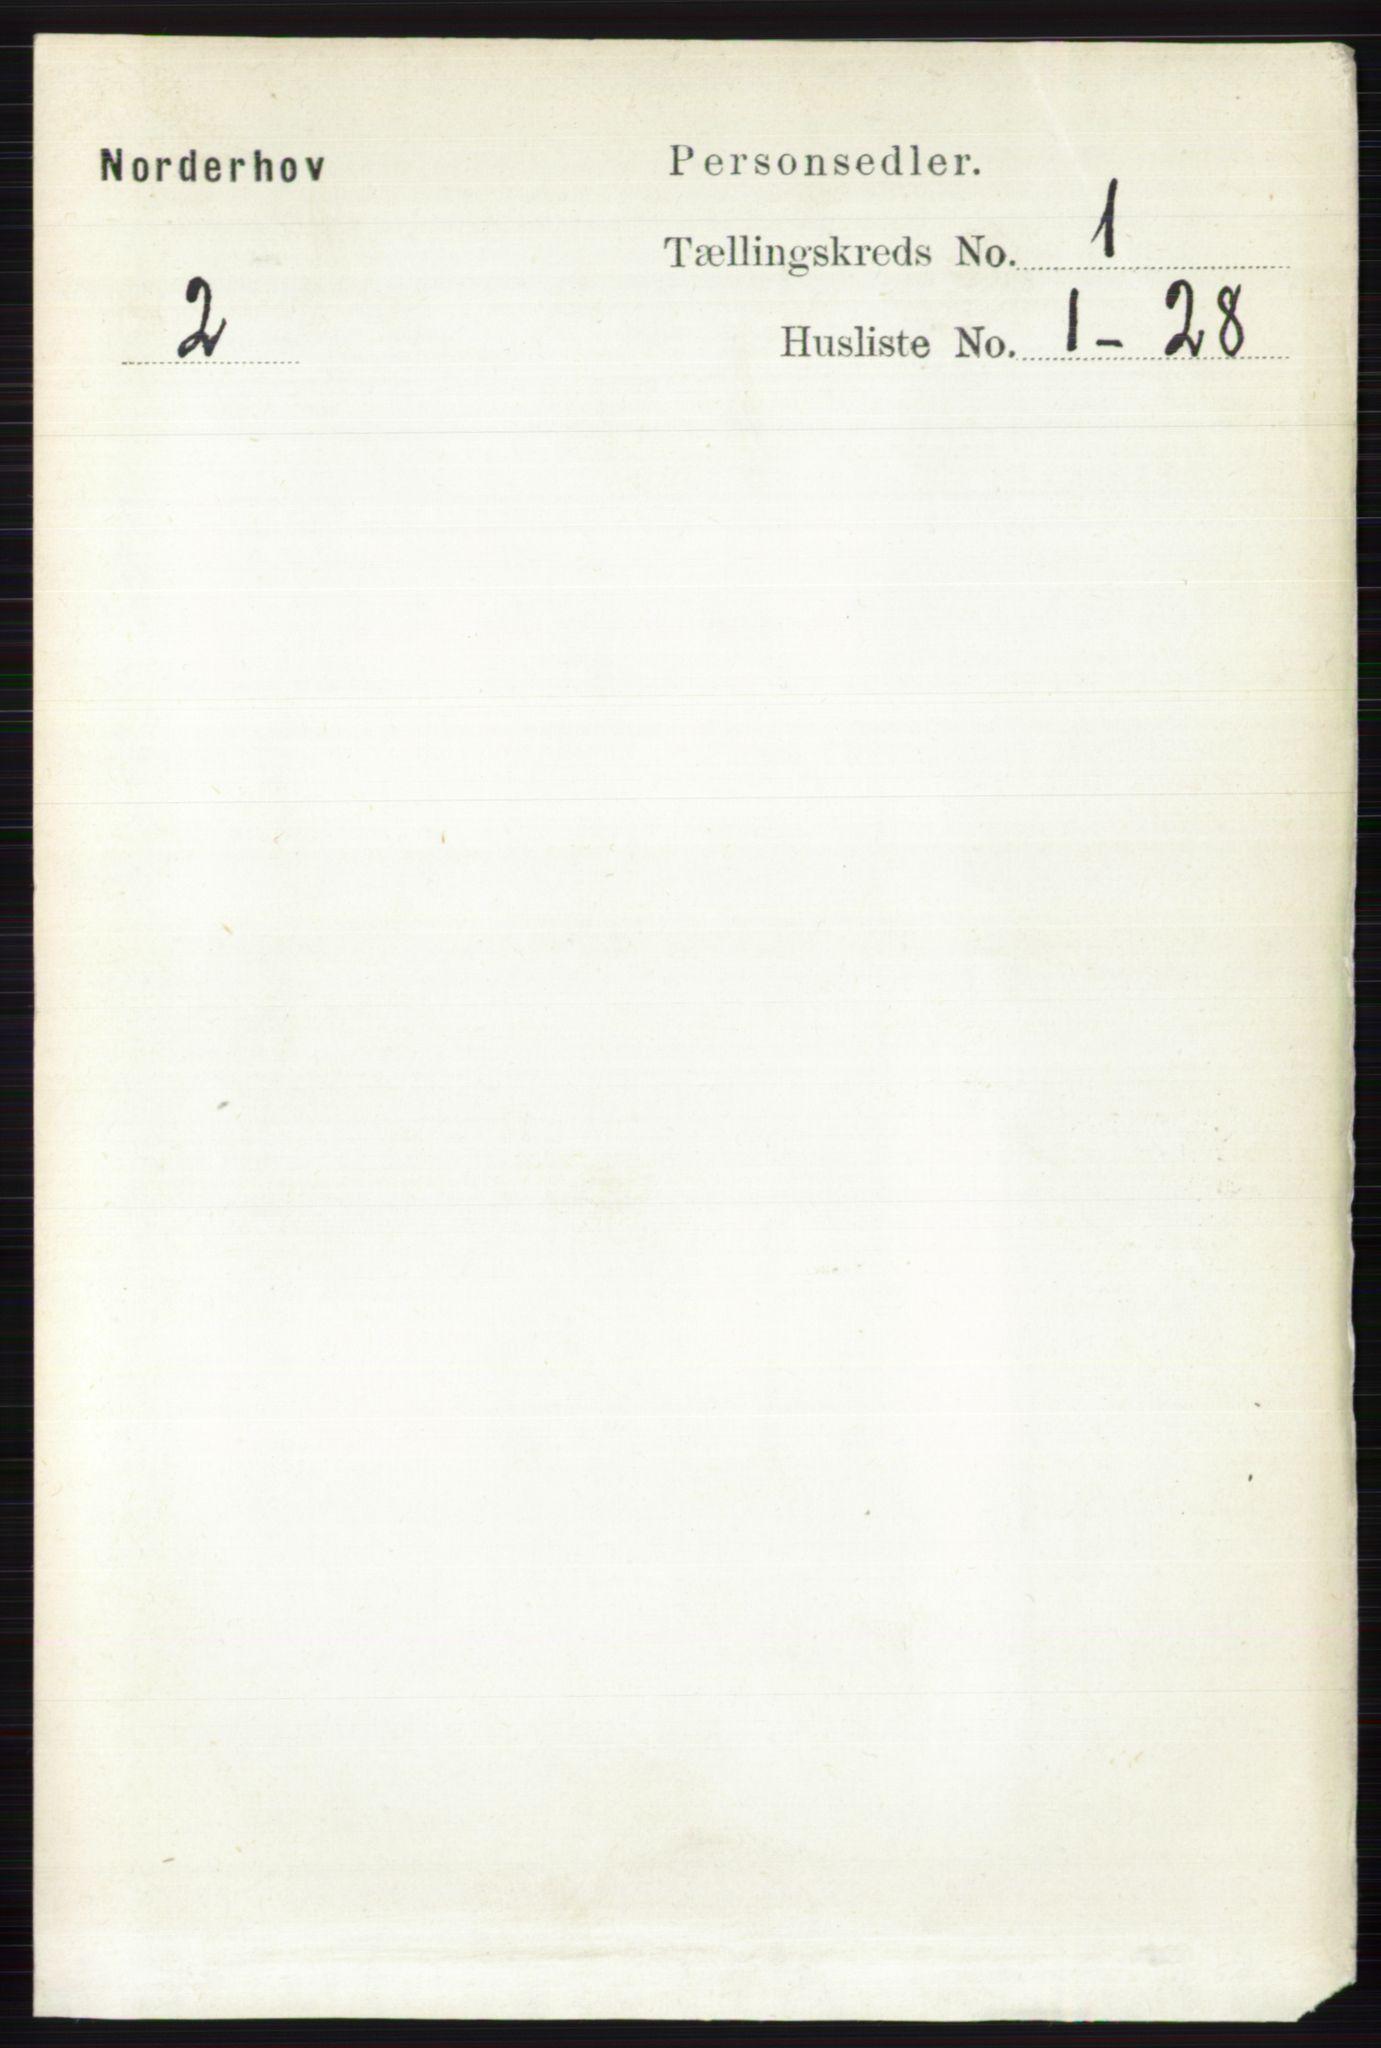 RA, Folketelling 1891 for 0613 Norderhov herred, 1891, s. 120